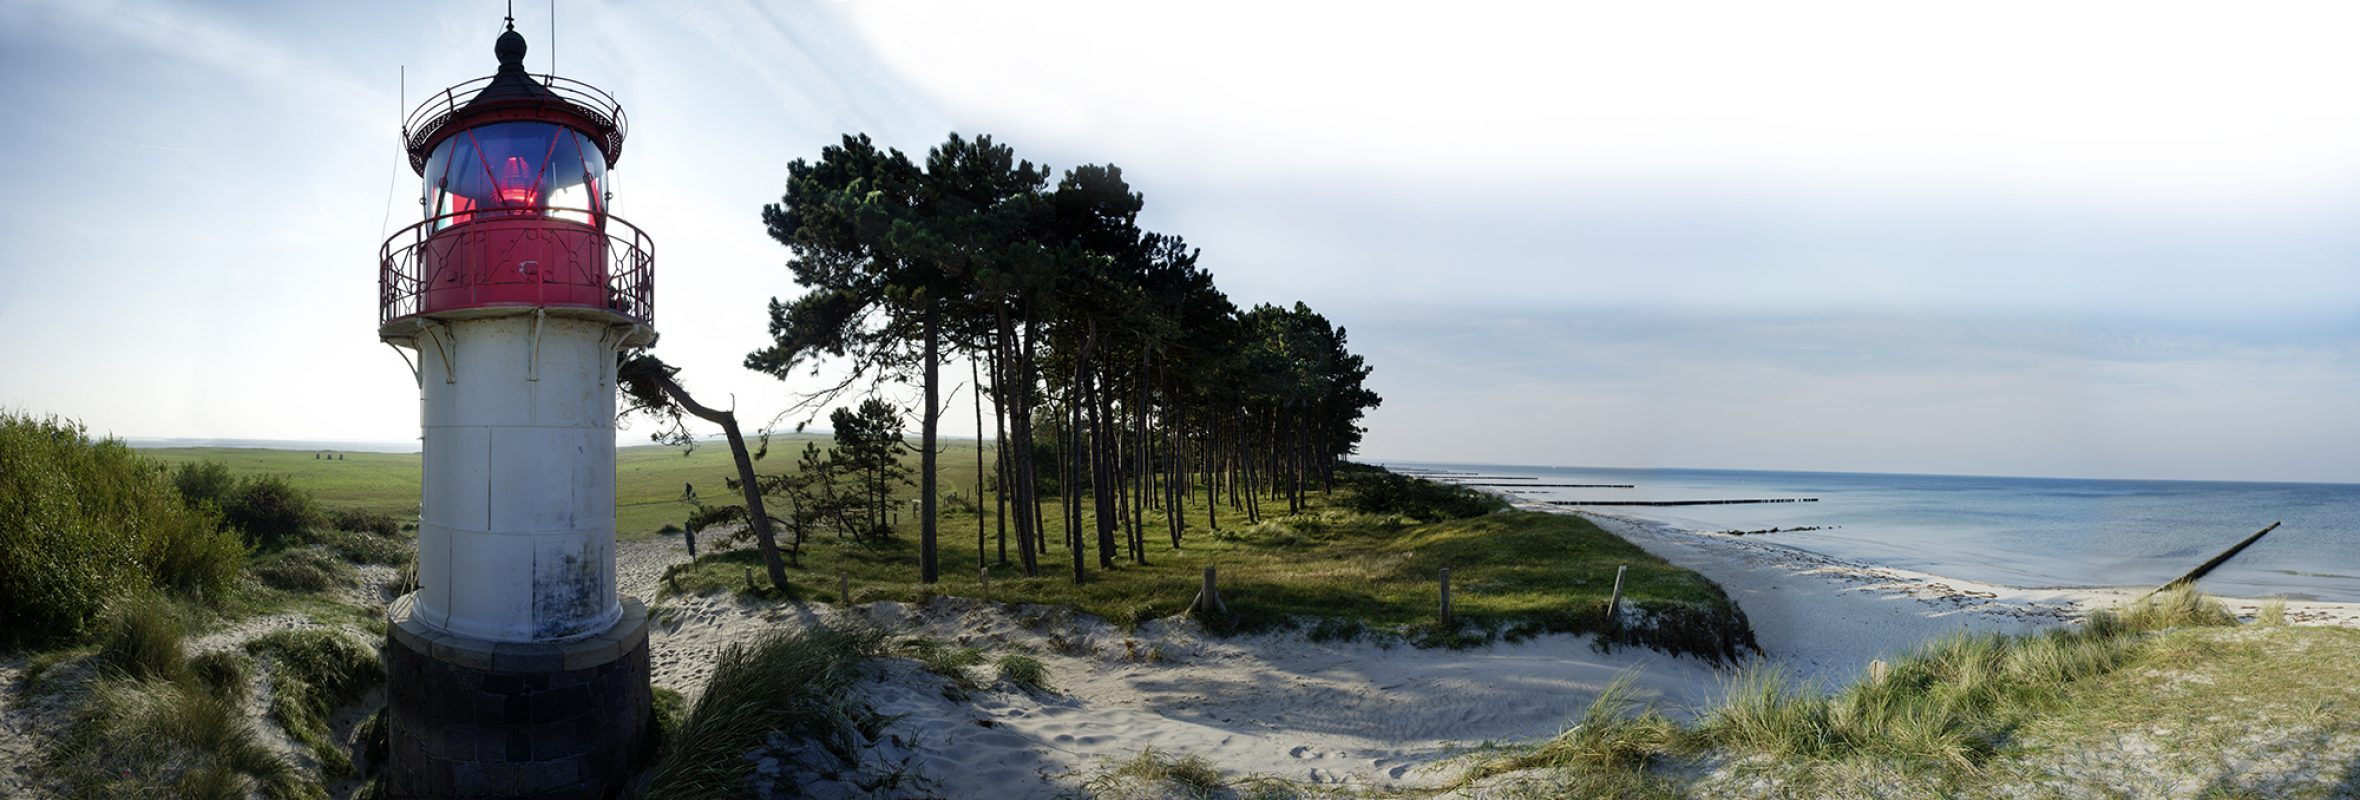 Hiddensee, Leuchtfeuer, Insel, Strand, Kiefern